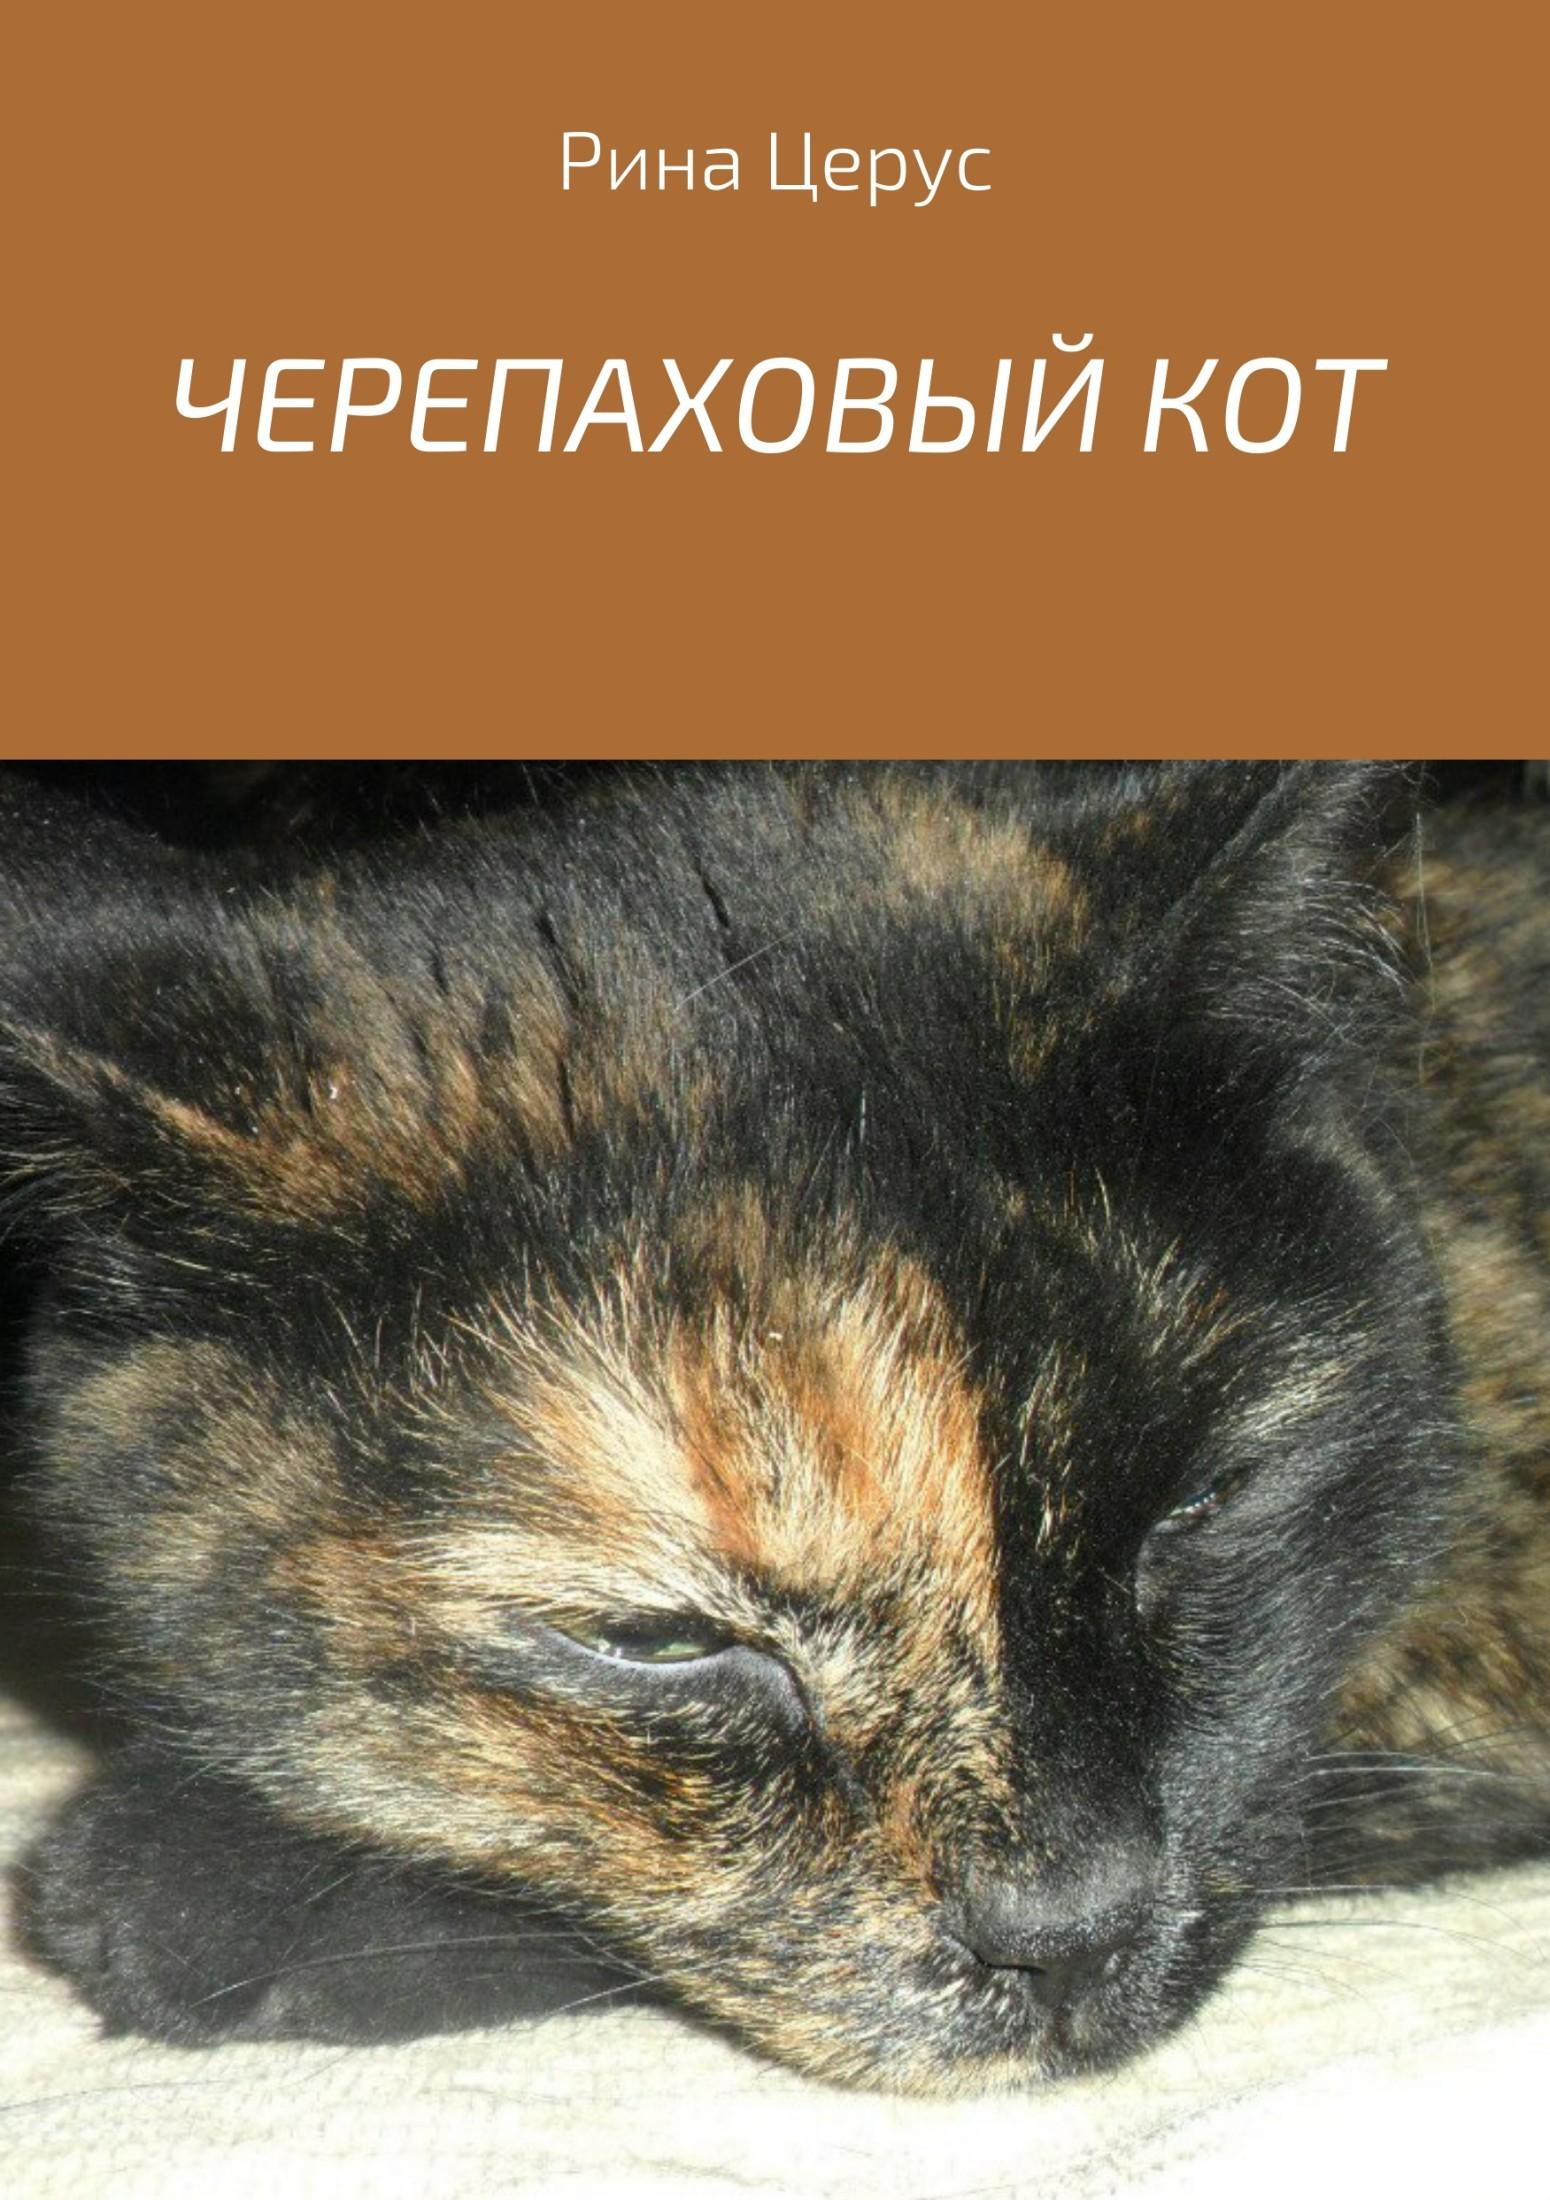 Рина Церус ЧЕРЕПАХОВЫЙ КОТ тасбулатова диляра керизбековна кот консьержка и другие уважаемые люди